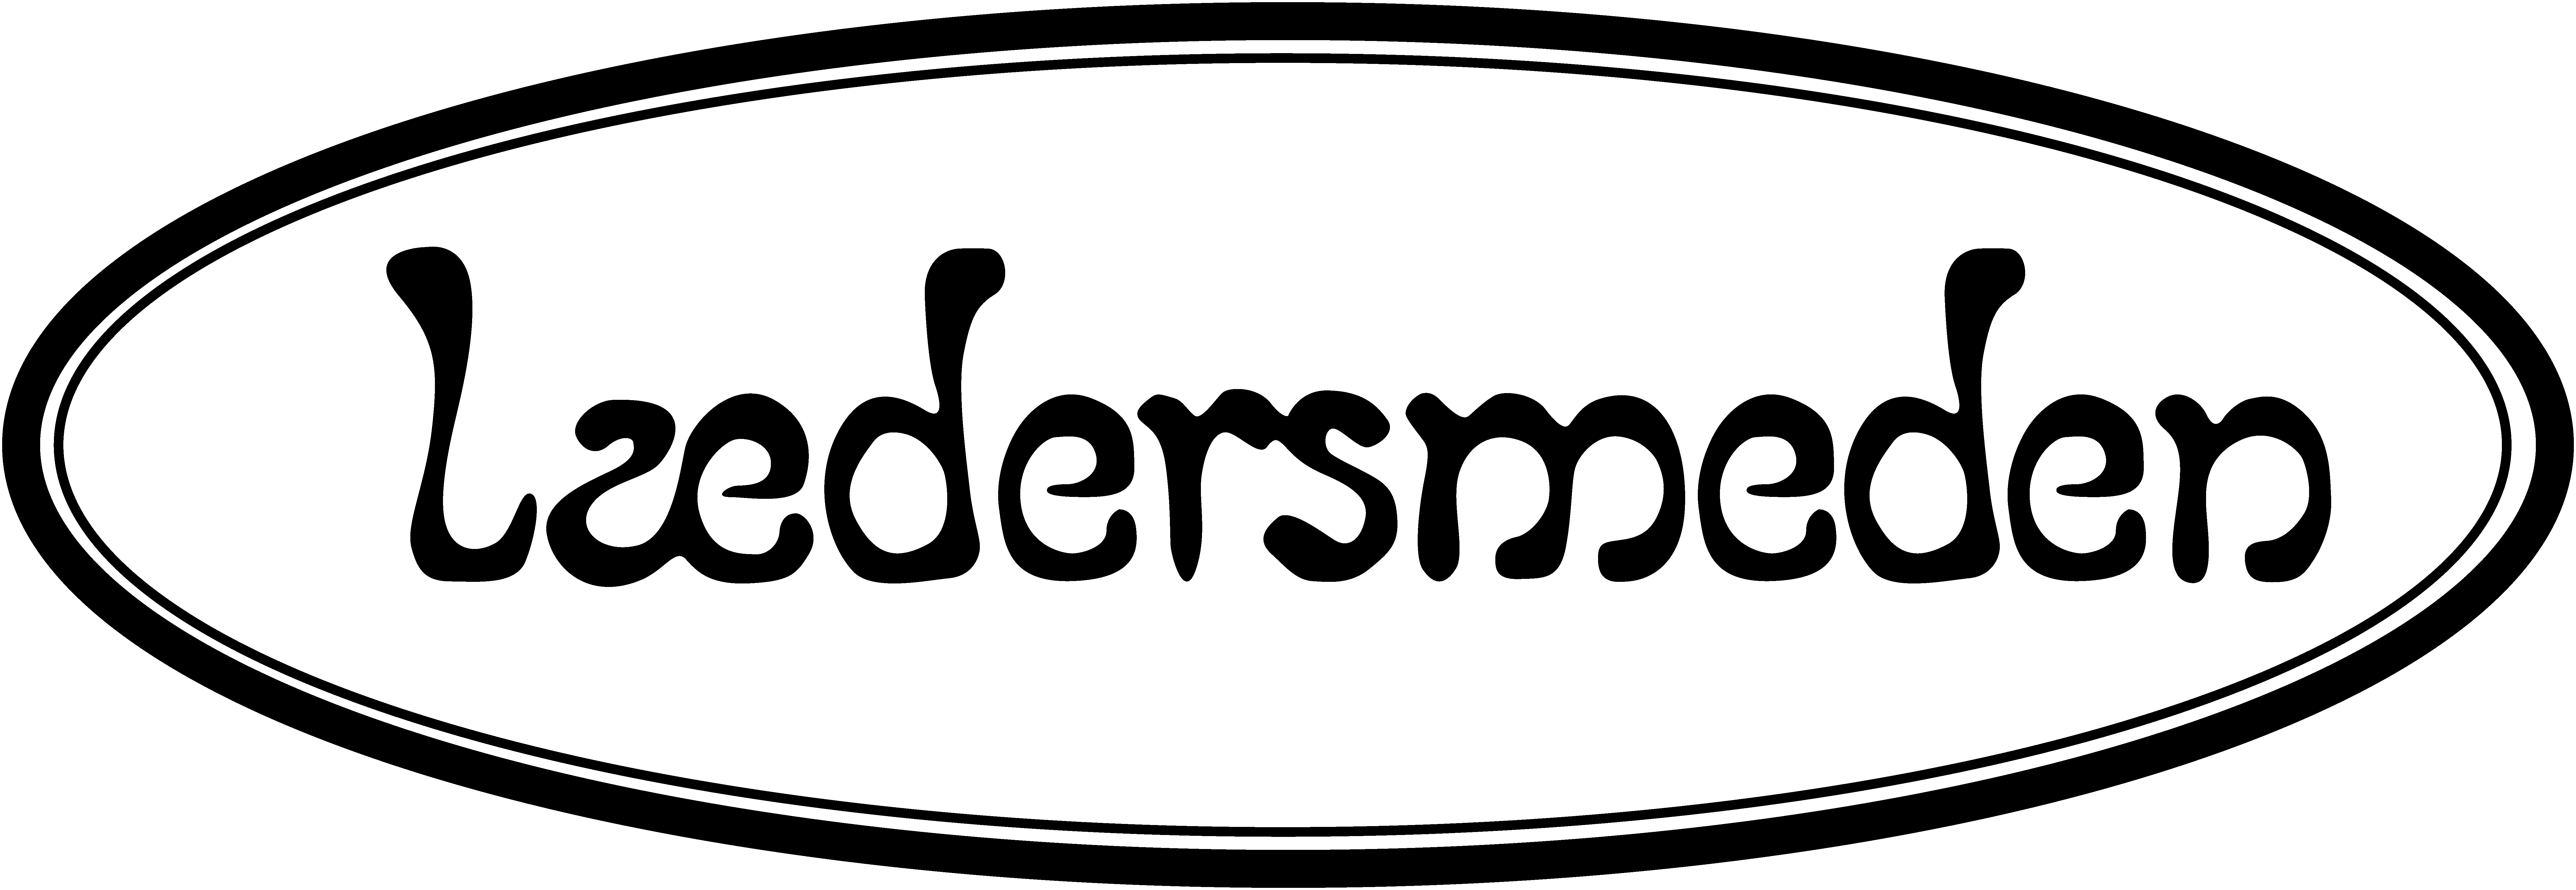 Lædersmeden